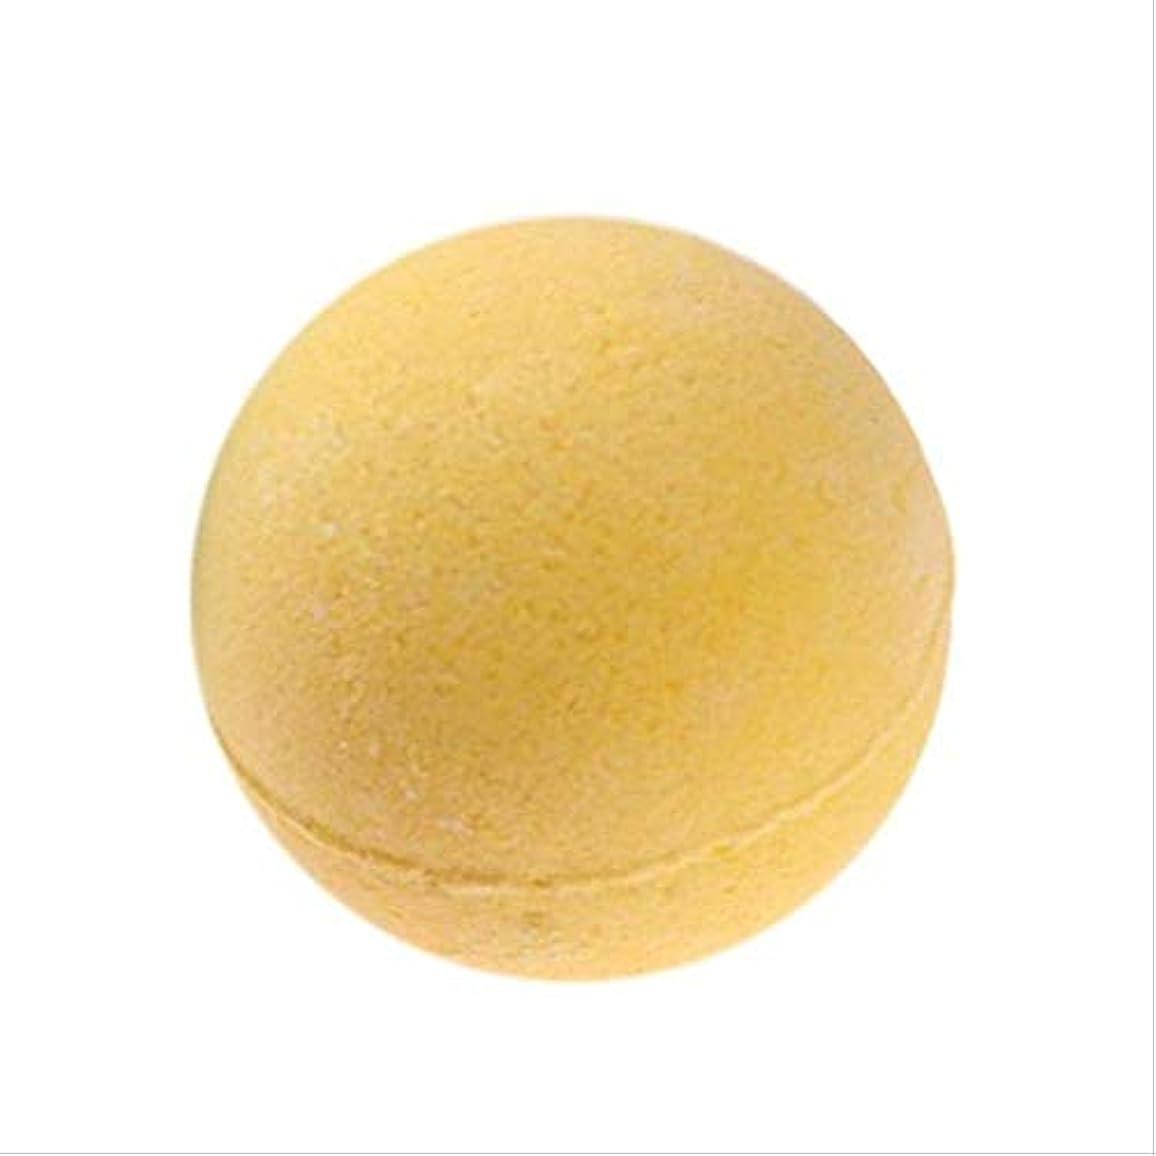 誤から聞く静めるバスソルトバスソルトボールバスボール レモン